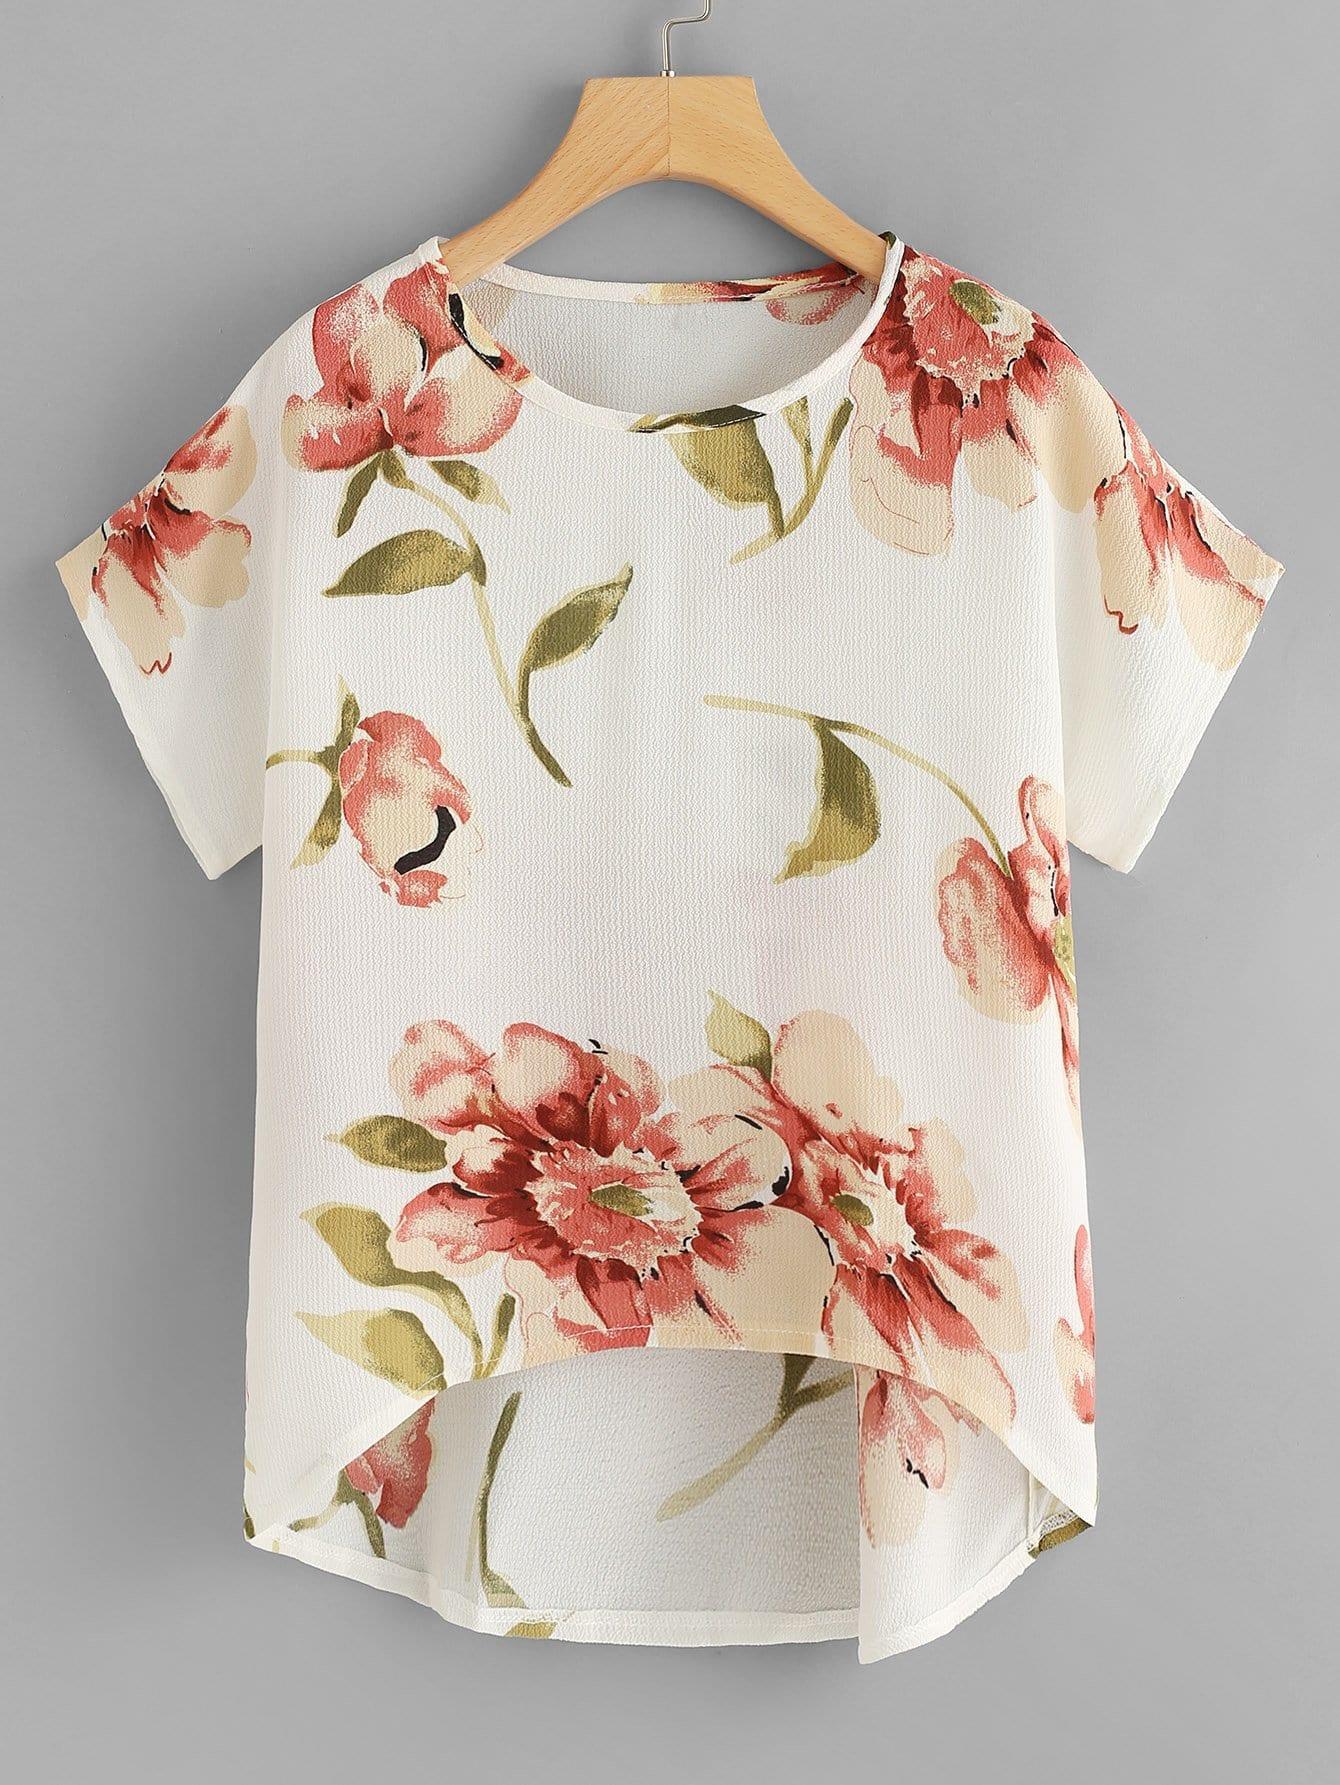 Купить Модный асимметричный шифоновый топ с цветочным принтом, null, SheIn